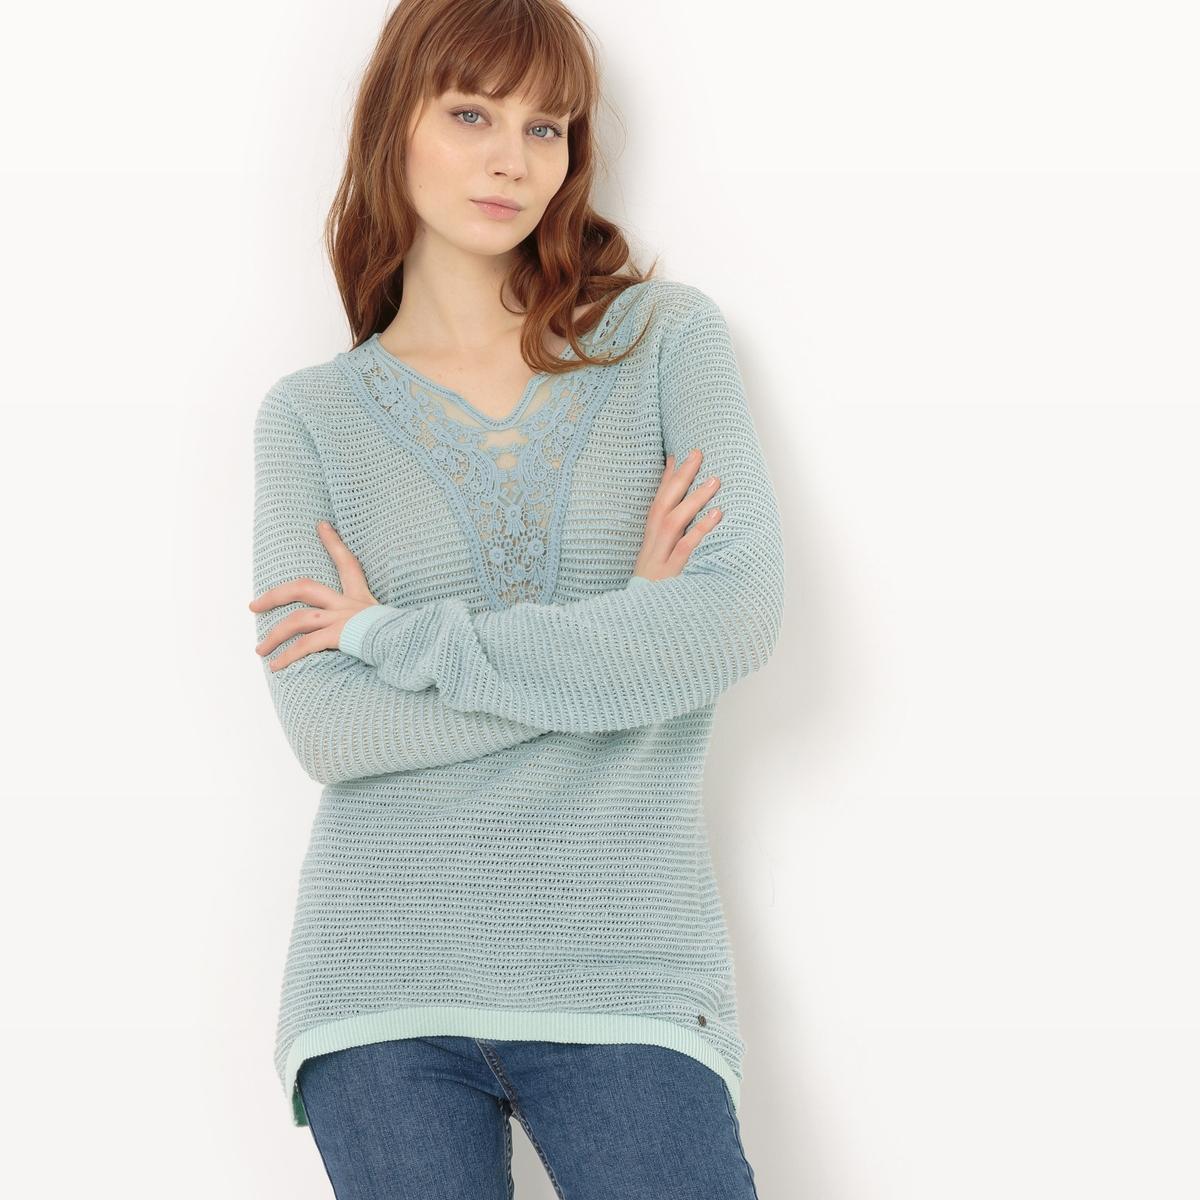 Пуловер с круглым вырезом из хлопкаОписание:Детали   •  Пуловер классический •  Длинные рукава •  Круглый вырез •  Тонкий трикотажСостав и уход   •  84% хлопка, 6% металлизированных волокон, 10% полиэстера •  Следуйте рекомендациям по уходу, указанным на этикетке изделия<br><br>Цвет: зеленый сине-зеленый<br>Размер: M